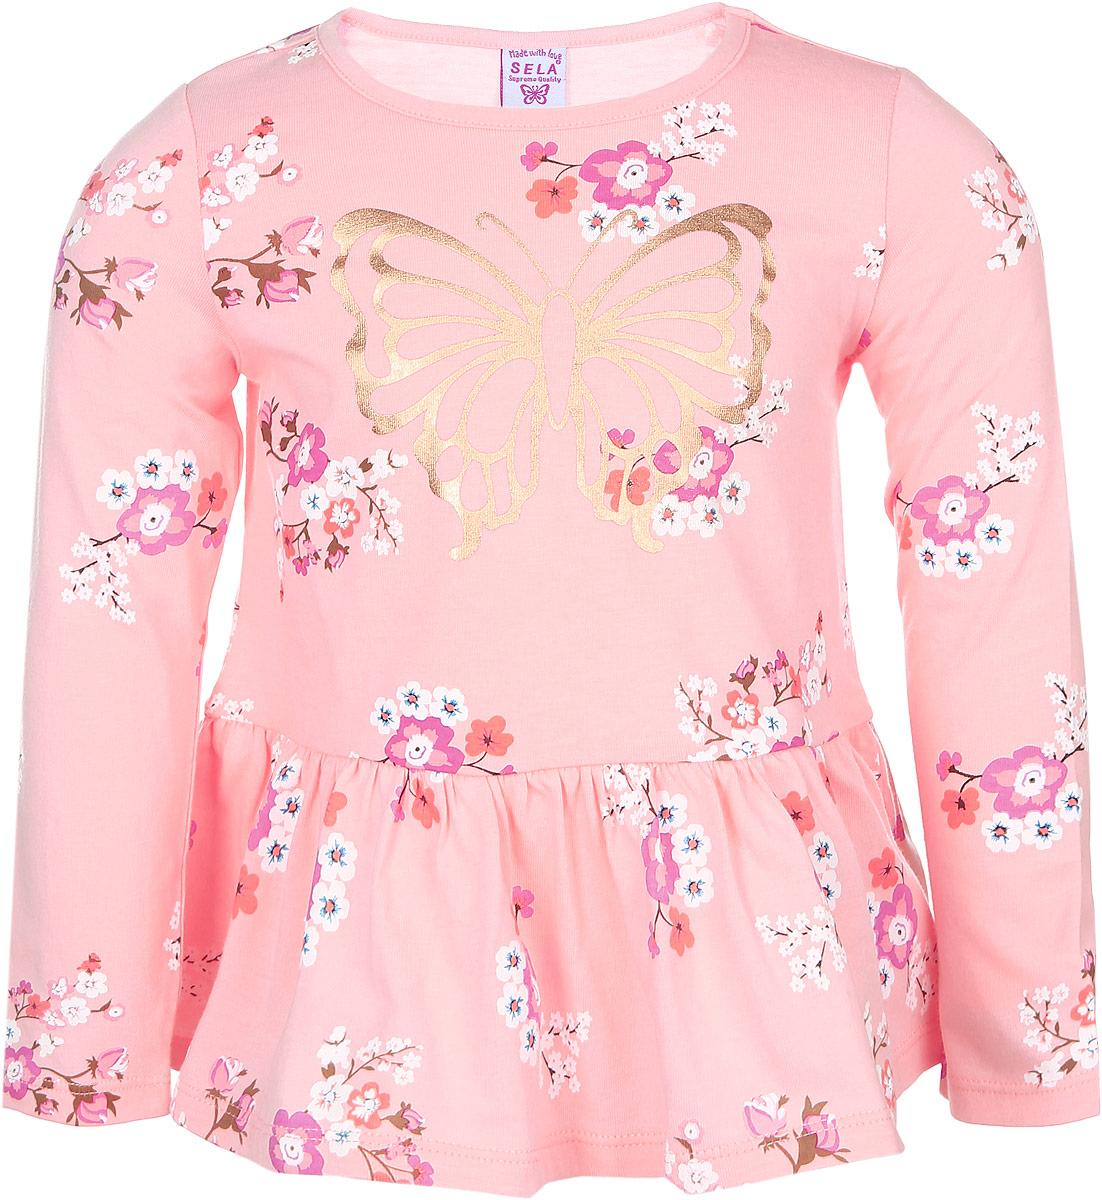 Туника для девочки Sela, цвет: персиковый. TKk-511/249-6424. Размер 104, 4 годаTKk-511/249-6424Туника для девочки Sela идеально подойдет вашей дочурке. Изготовленная из натурального хлопка, она необычайно мягкая и приятная на ощупь, не сковывает движения и позволяет коже дышать, не раздражает даже самую нежную и чувствительную кожу ребенка, обеспечивая ему наибольший комфорт. Туника с длинными рукавами и круглым воротником, оформлена цветочным принтом и бабочкой. Низ изделия дополнен оборкой со складочками, придающими изделию оригинальность. Воротник дополнен трикотажной эластичной резинкой. Оригинальный дизайн и модная расцветка делают эту тунику незаменимым предметом детского гардероба. В ней вашей маленькой принцессе будет комфортно, уютно и она всегда будет в центре внимания!